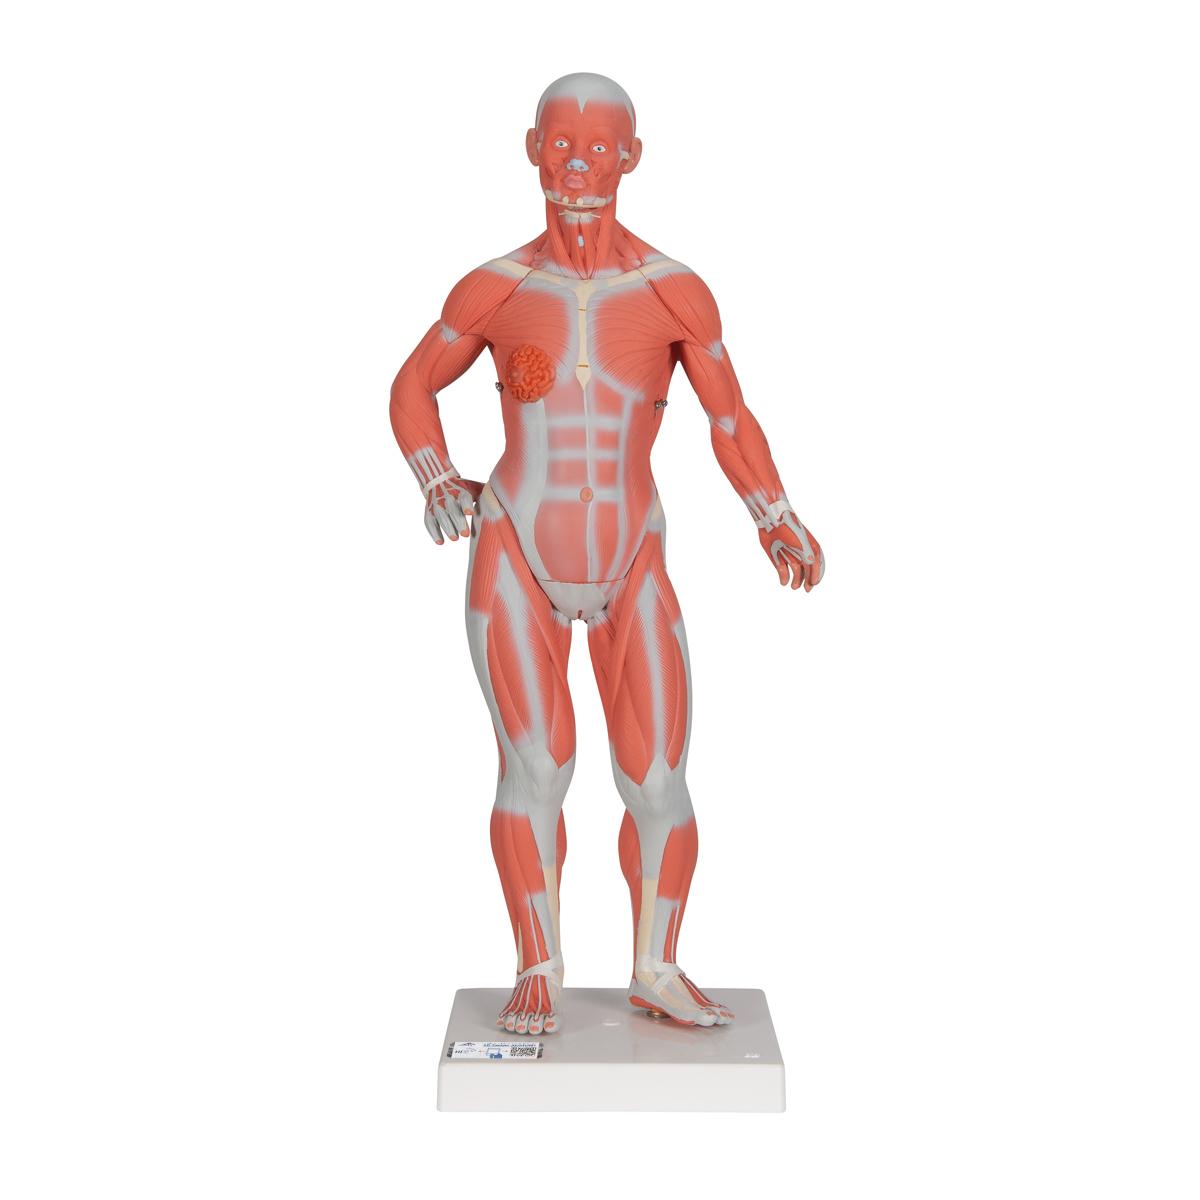 Ungewöhnlich Anatomie Muskel Modelle Fotos - Anatomie Ideen ...